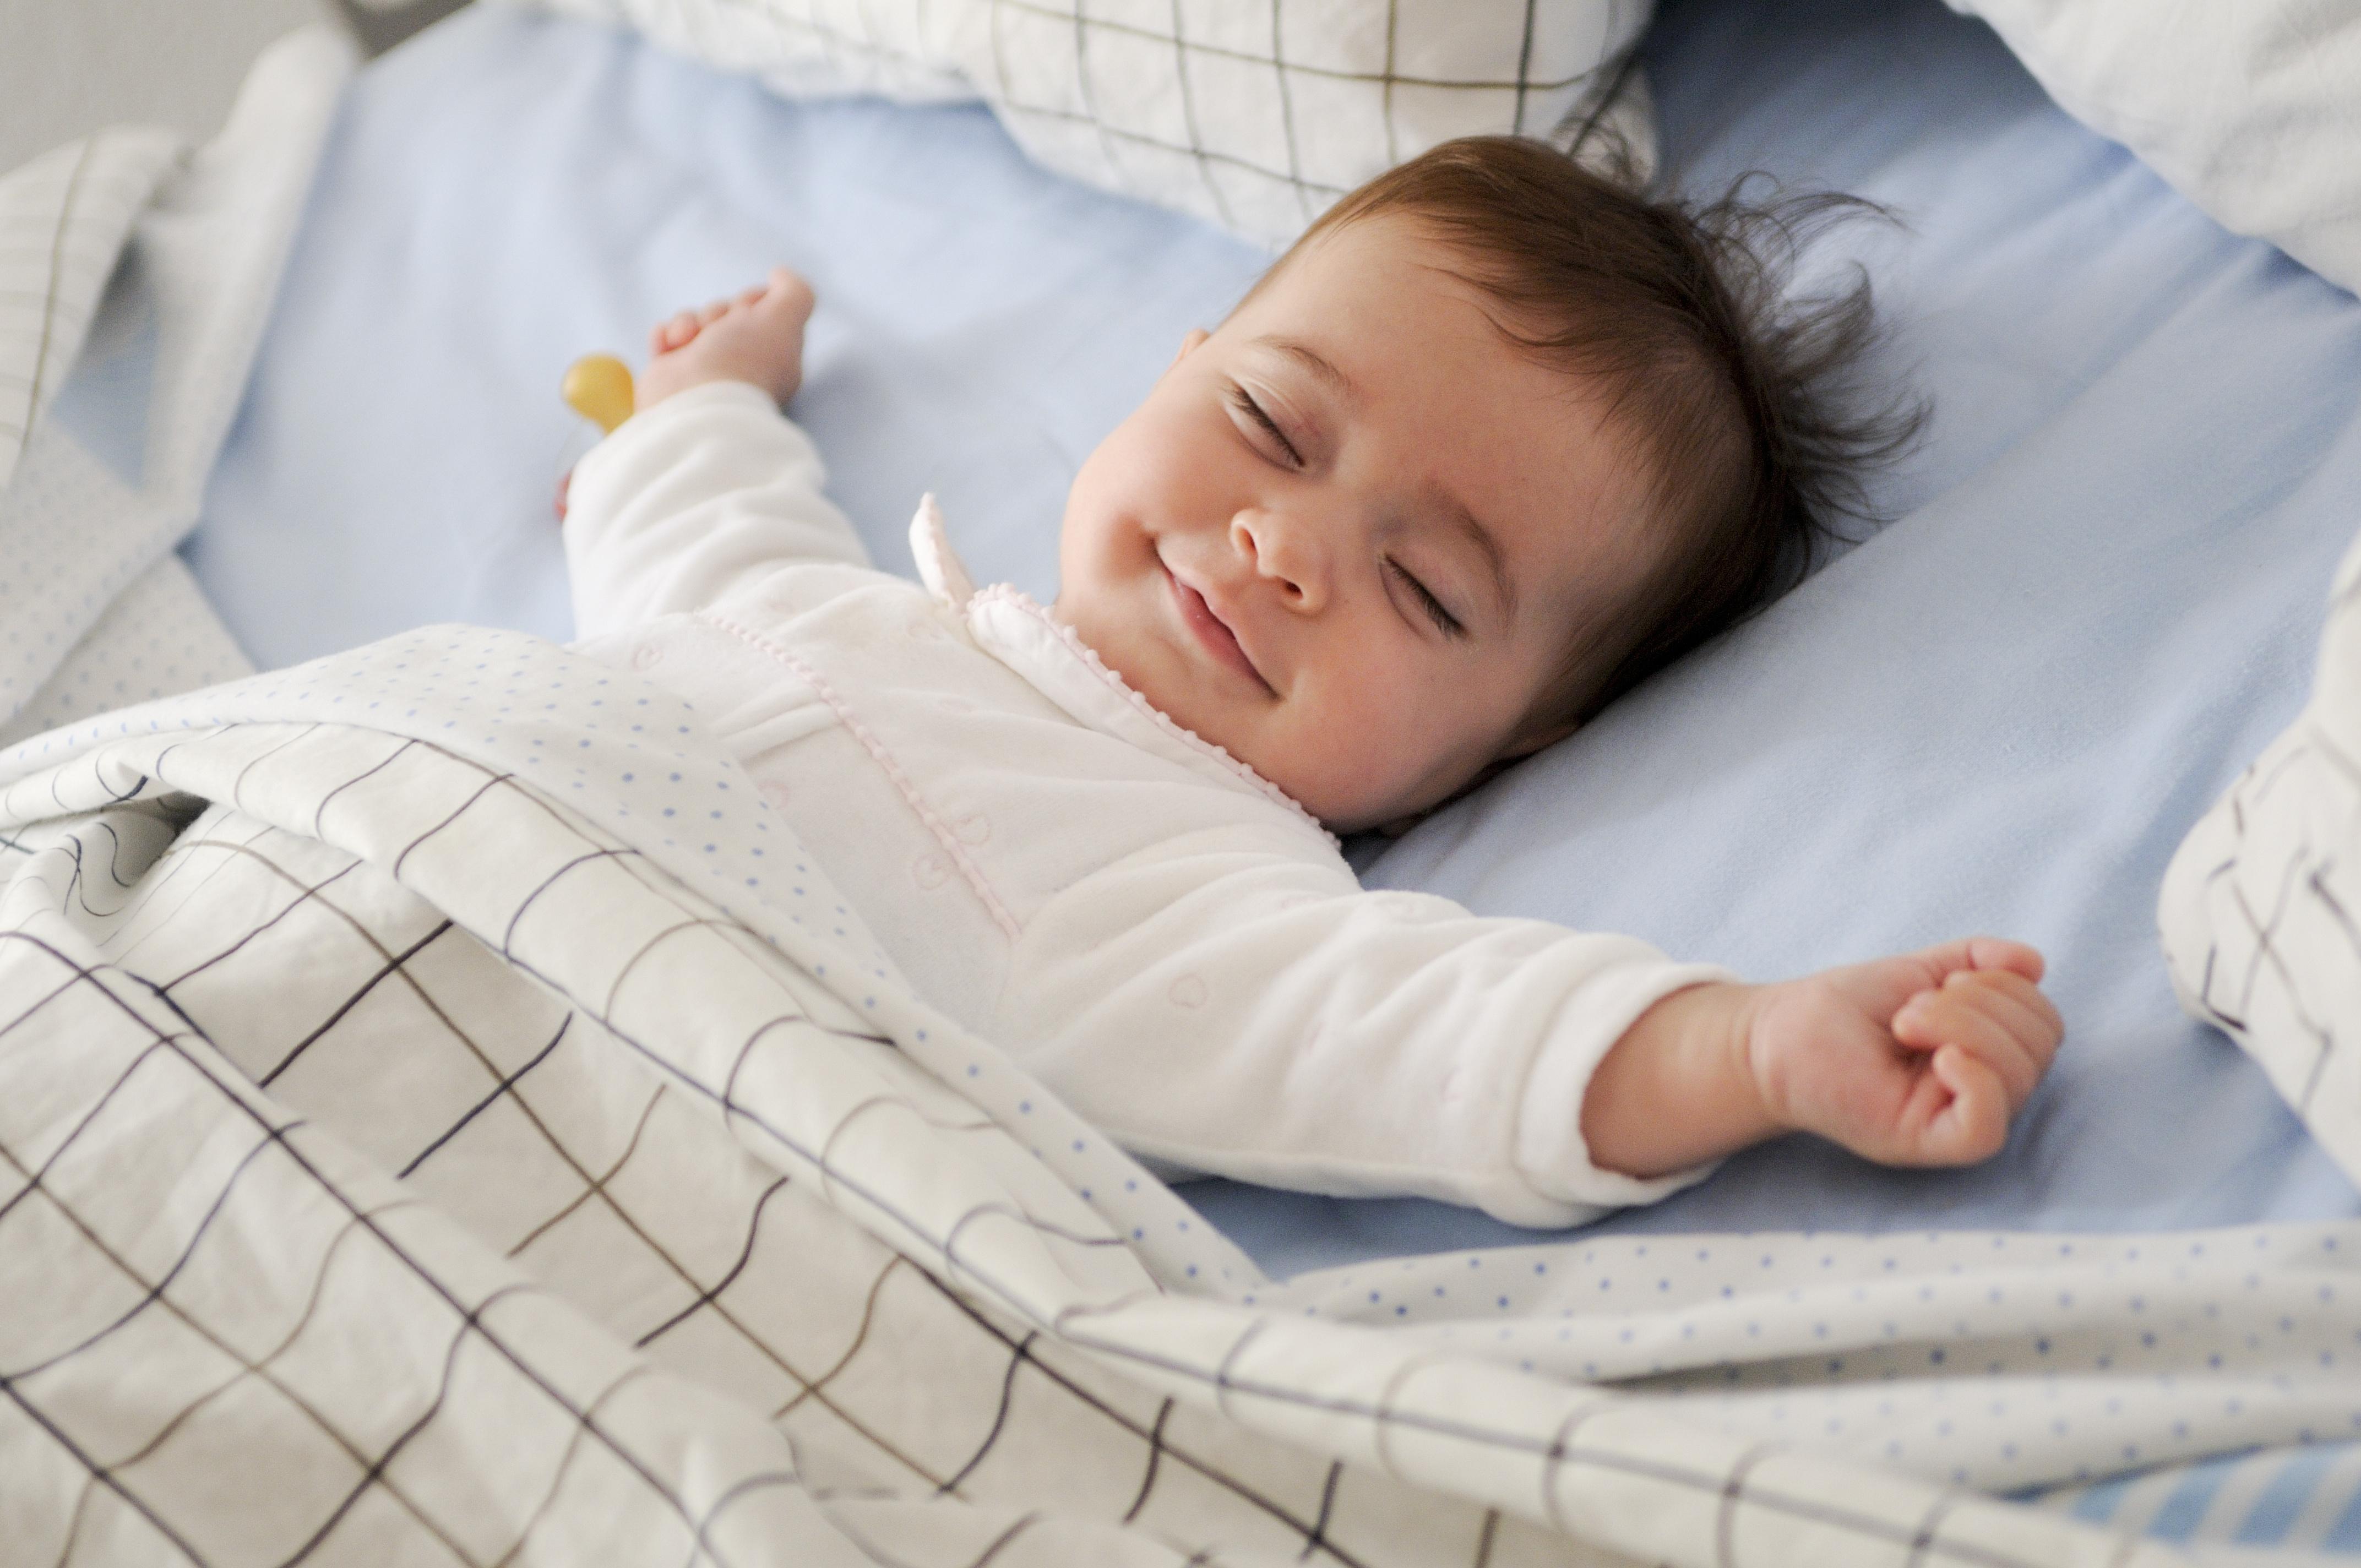 Les caractéristiques du sommeil des enfants, telles que la durée, le moment, la rapidité d'endormissement, la qualité et la variabilité du sommeil, sont de plus en plus associées à un large éventail de résultats de santé (Visuel Adobe Stock 110520599)